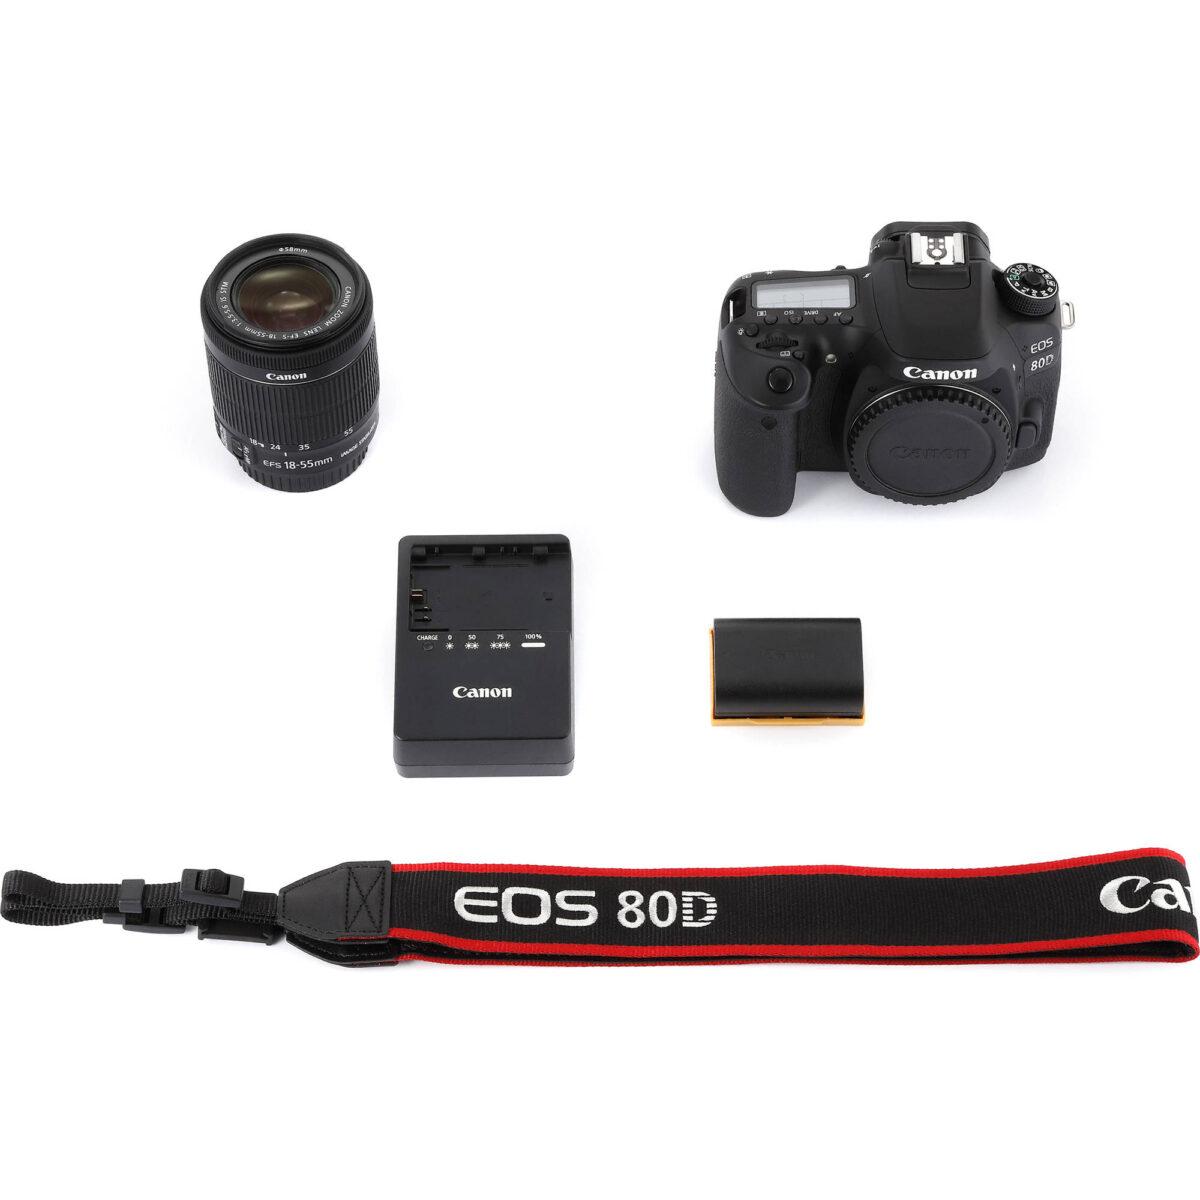 کیت لوازم جانبی دوربین canon eos 80d با بهترین قیمت - یزد کمرا